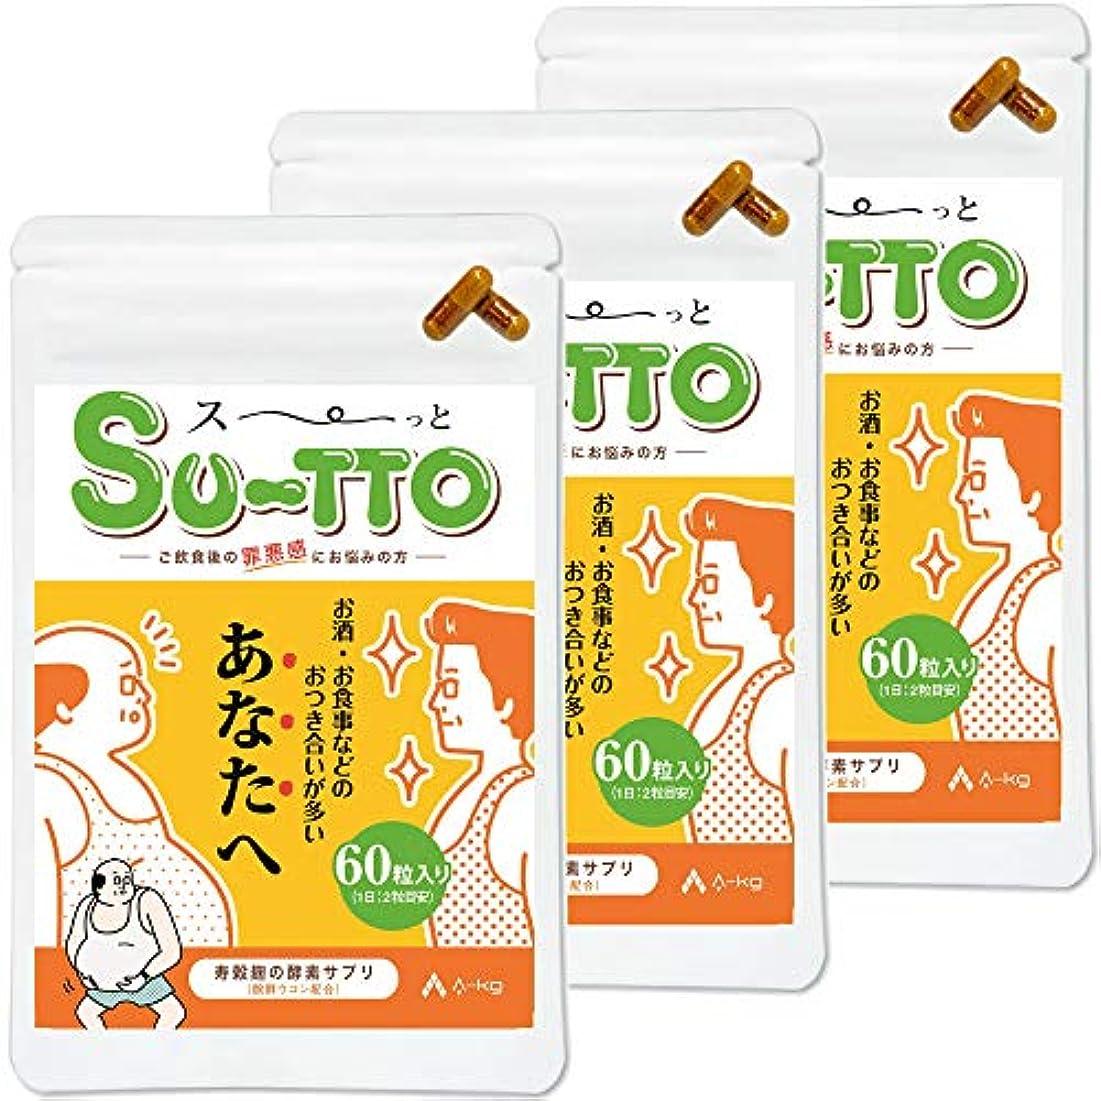 アクチュエータ才能のある差し控えるA-KG SU-TTO 寿穀麹 酵素サプリ 酵素 サプリ 麹 こうじ ダイエット サプリメント こうじ酵素 3個セット(180粒:約3ヶ月分)